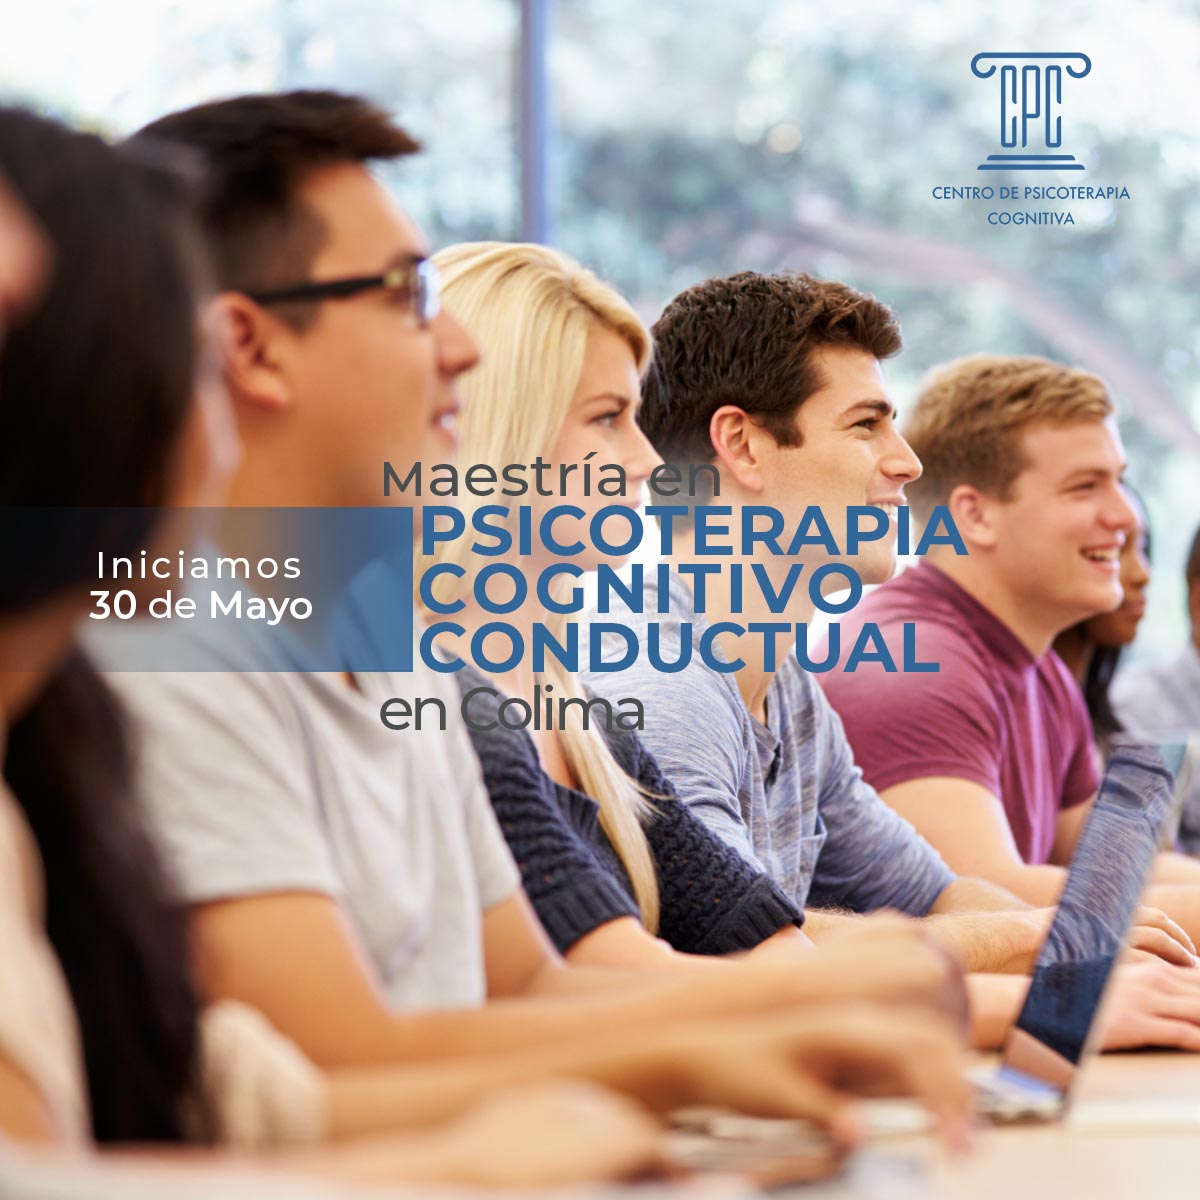 Maestría en Psicoterapia Cognitivo Conductual en Colima